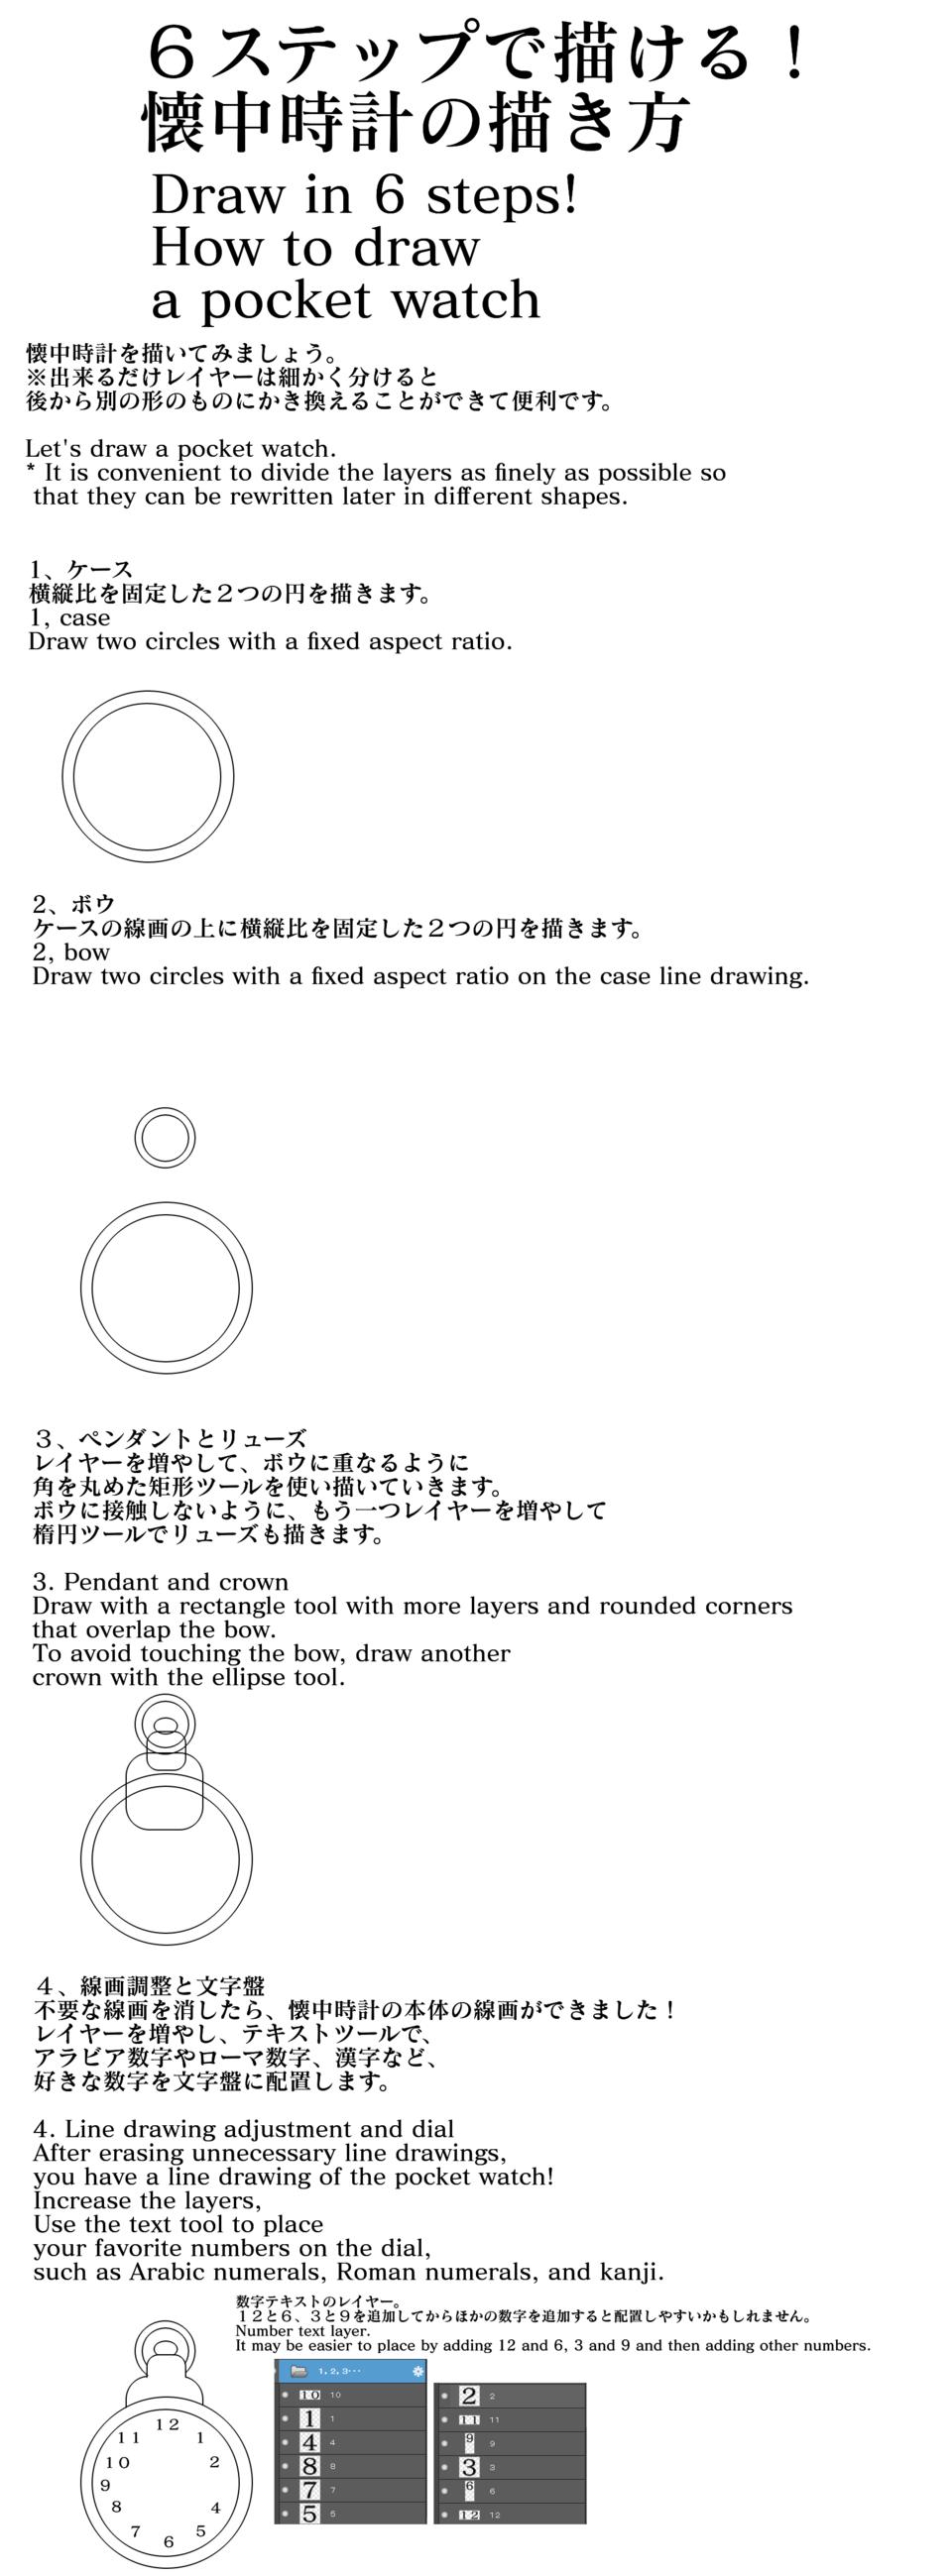 6ステップで描ける懐中時計の描き方 線画と文字盤編(Line、 dial/with English)